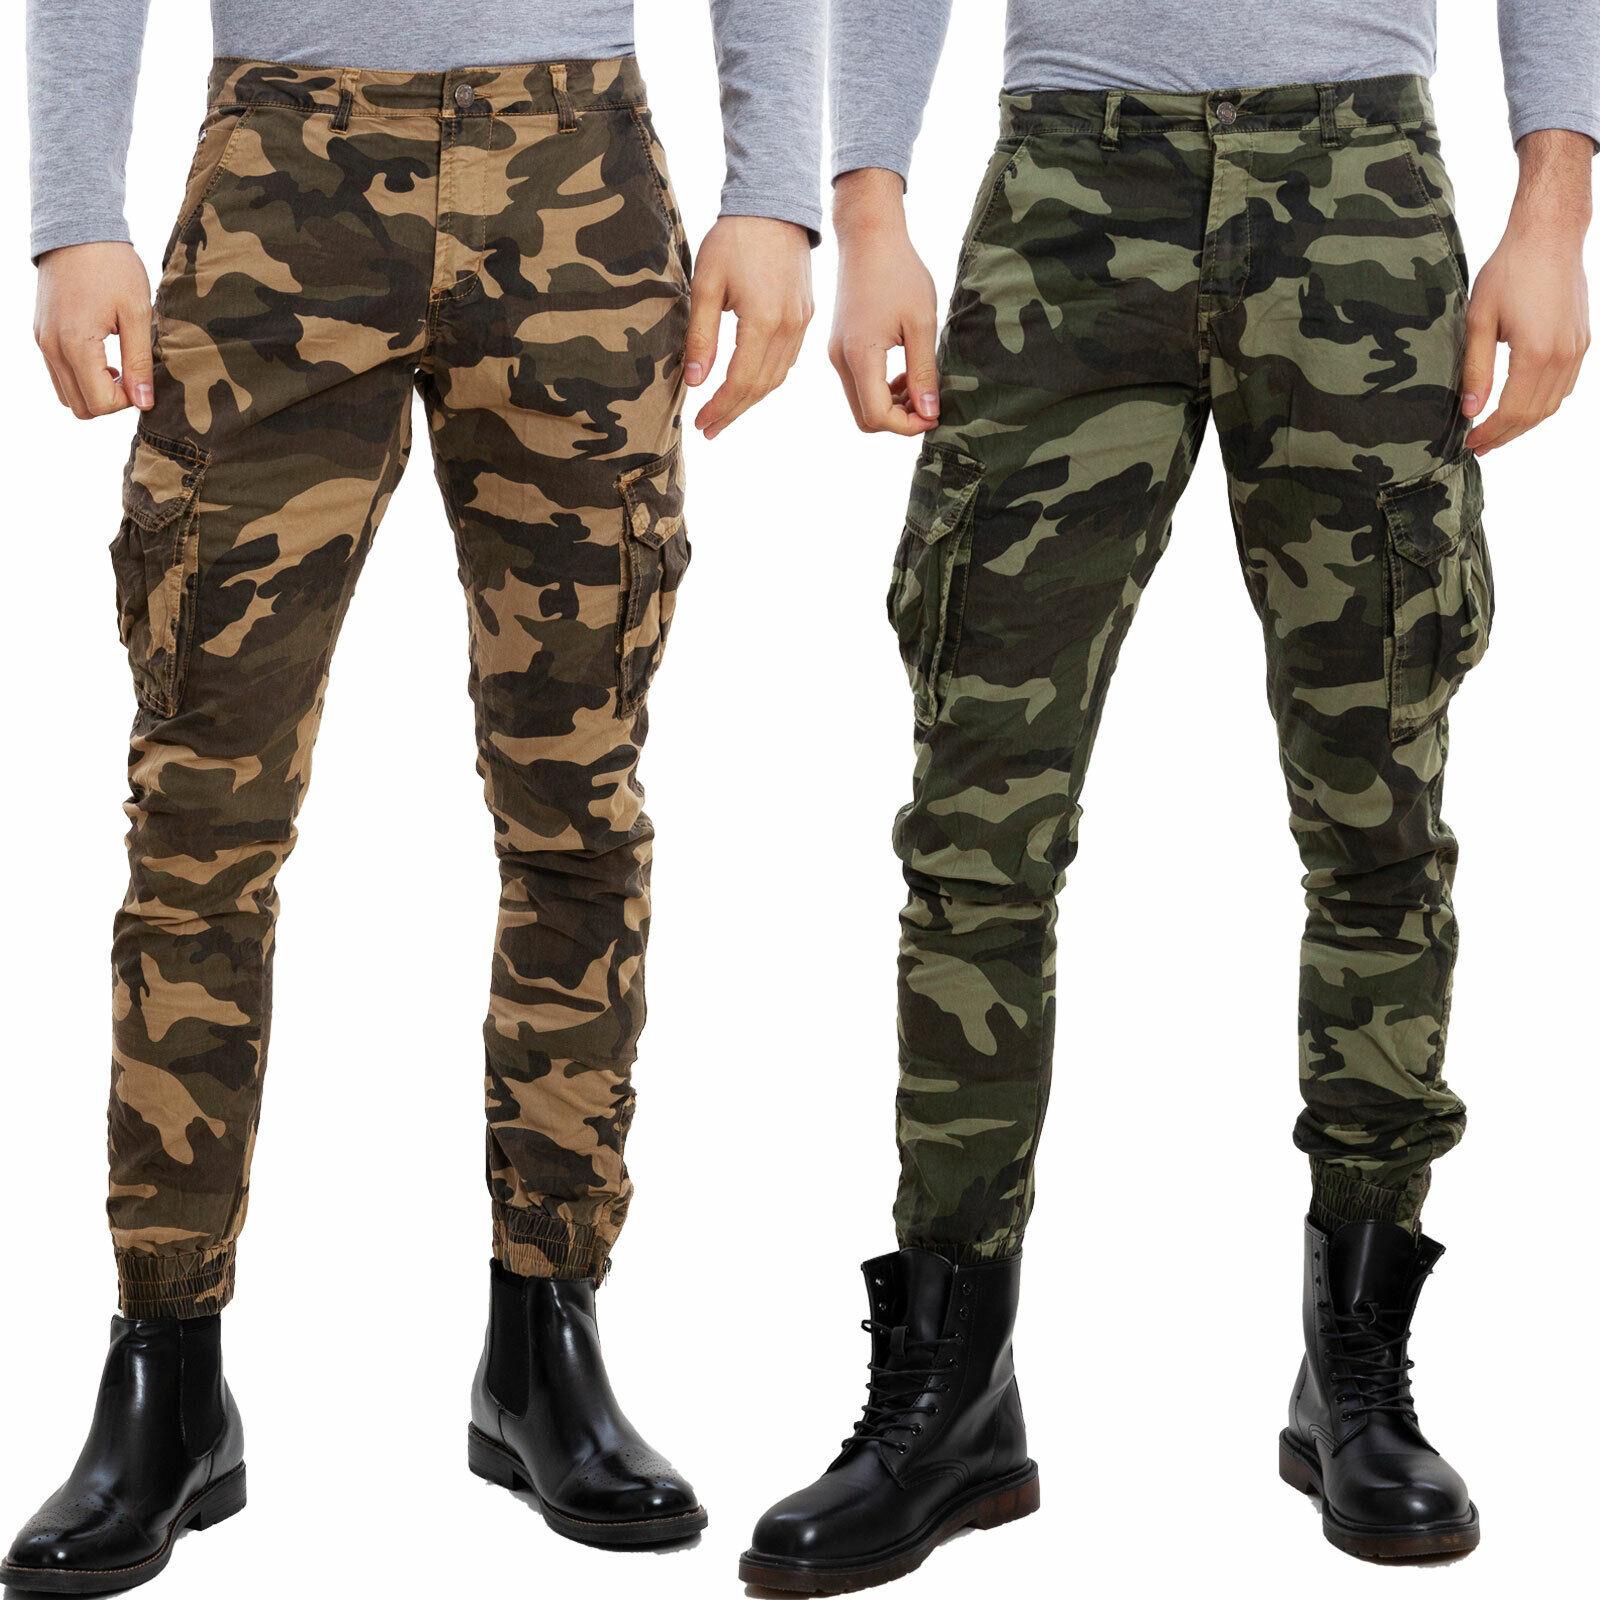 comment chercher grandes variétés 2019 real Détails sur Pantalons homme cargo militaire mimétiques poches camouflage  TOOCOOL XX-5805